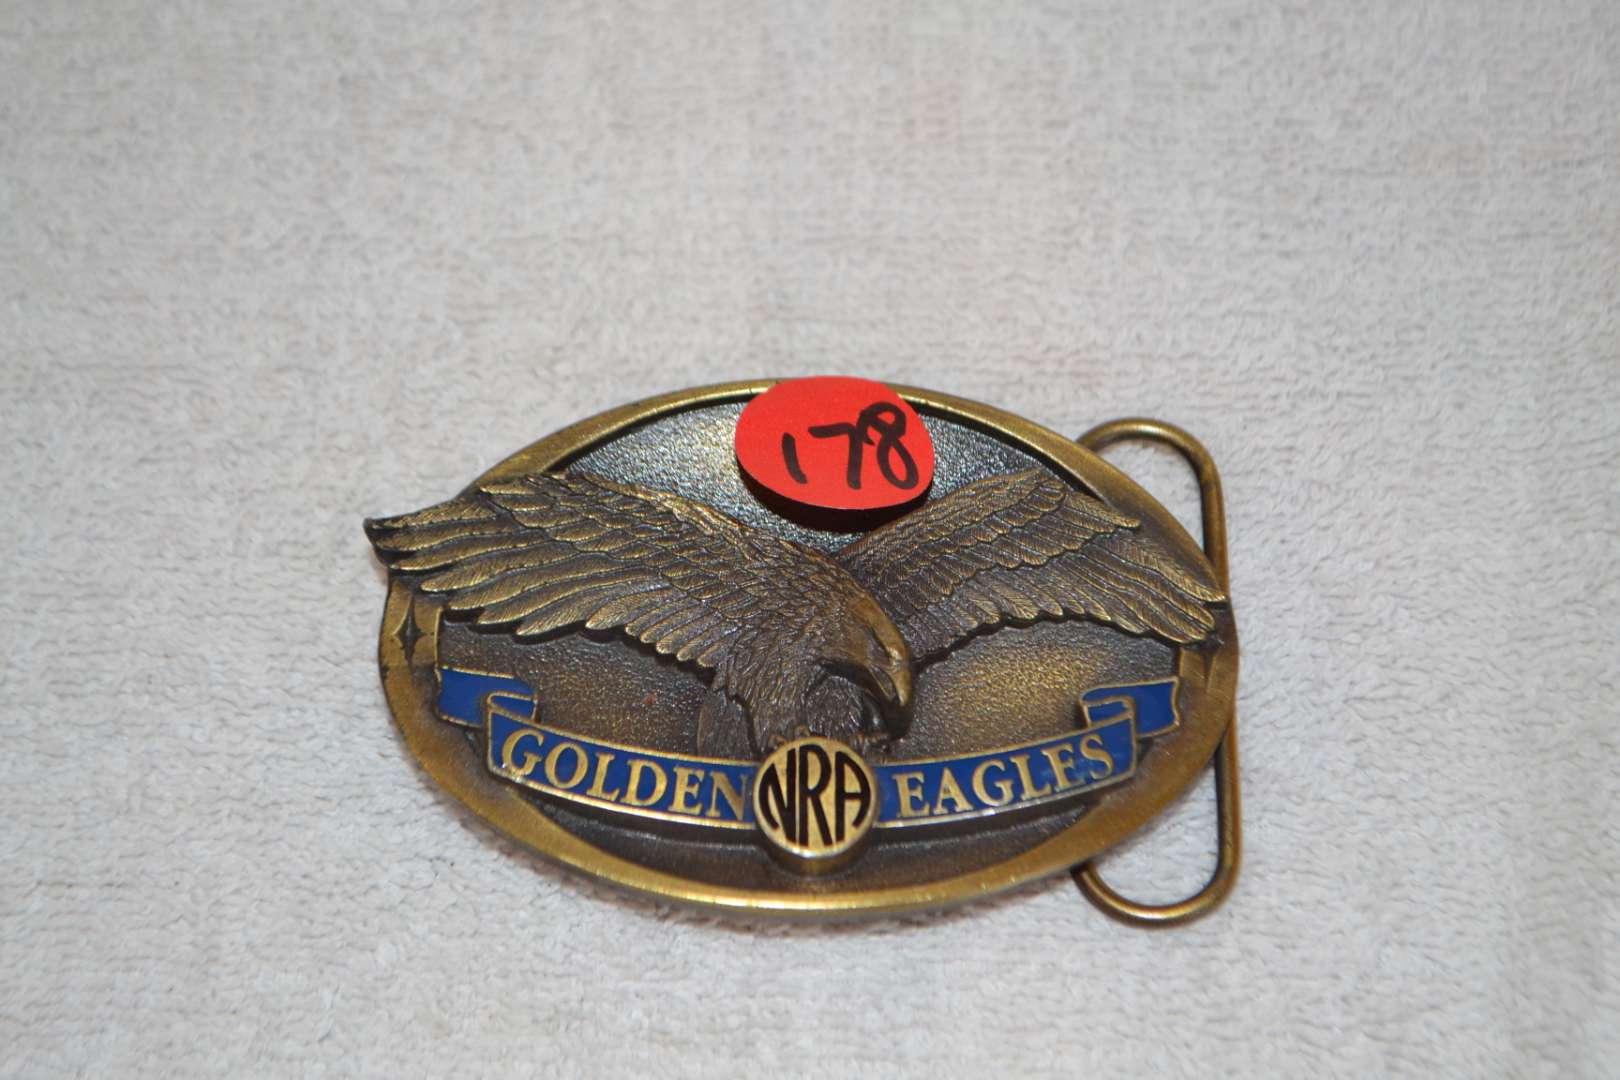 Lot # 178 NRA GOLDEN EAGLE BELT BUCKLE